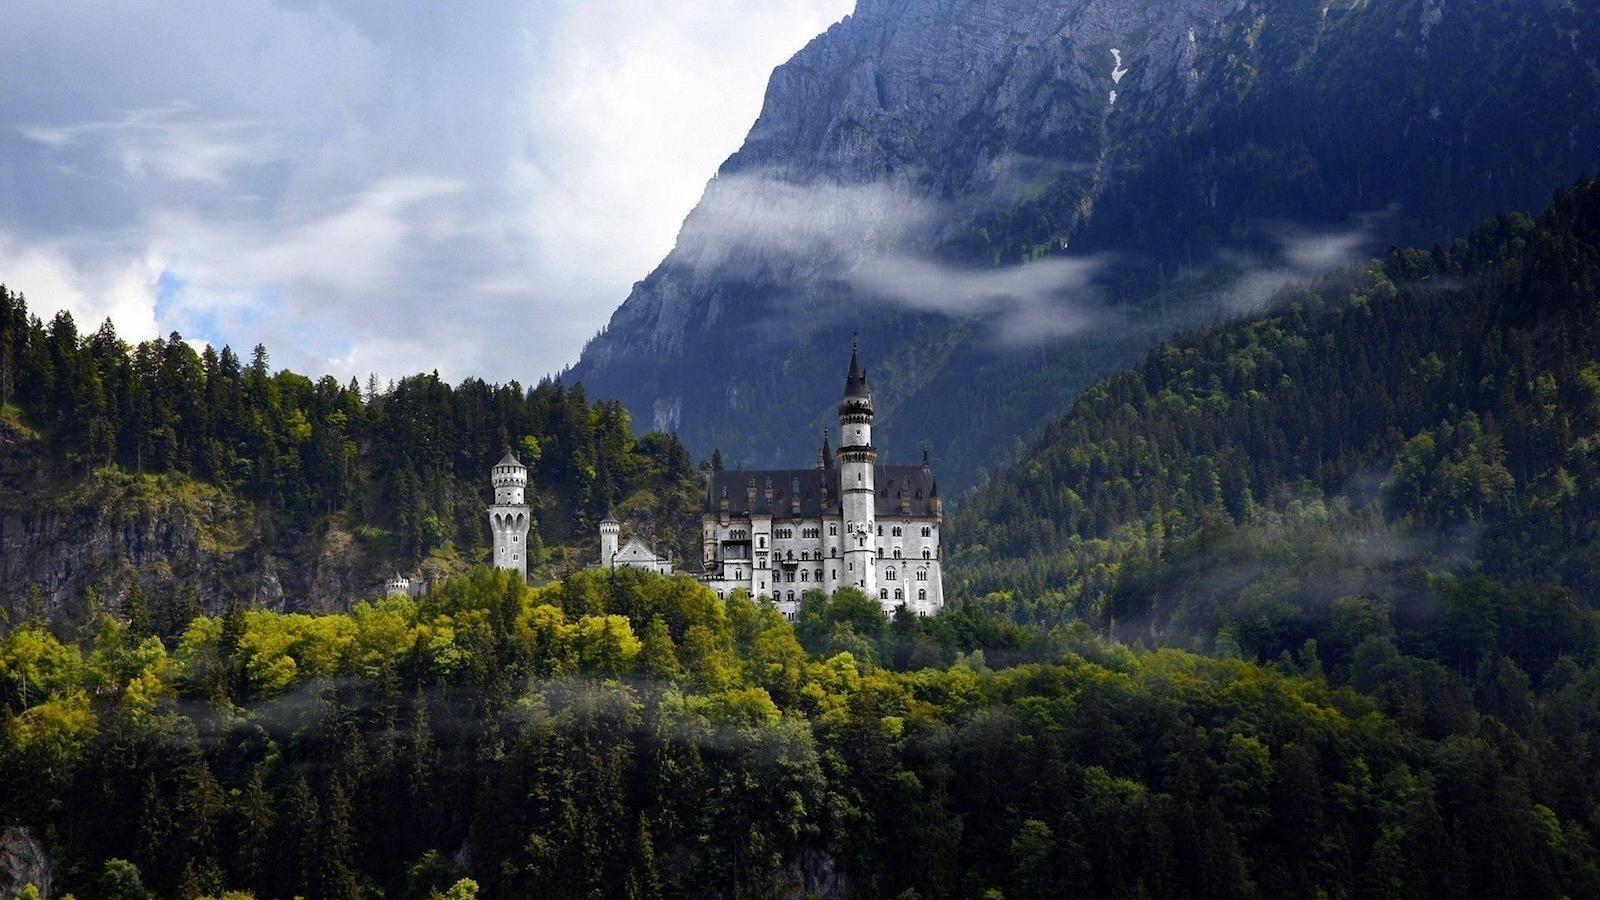 Замок Нойшванштайн, Германия красивые места, мир, природа, путешествия, сказка